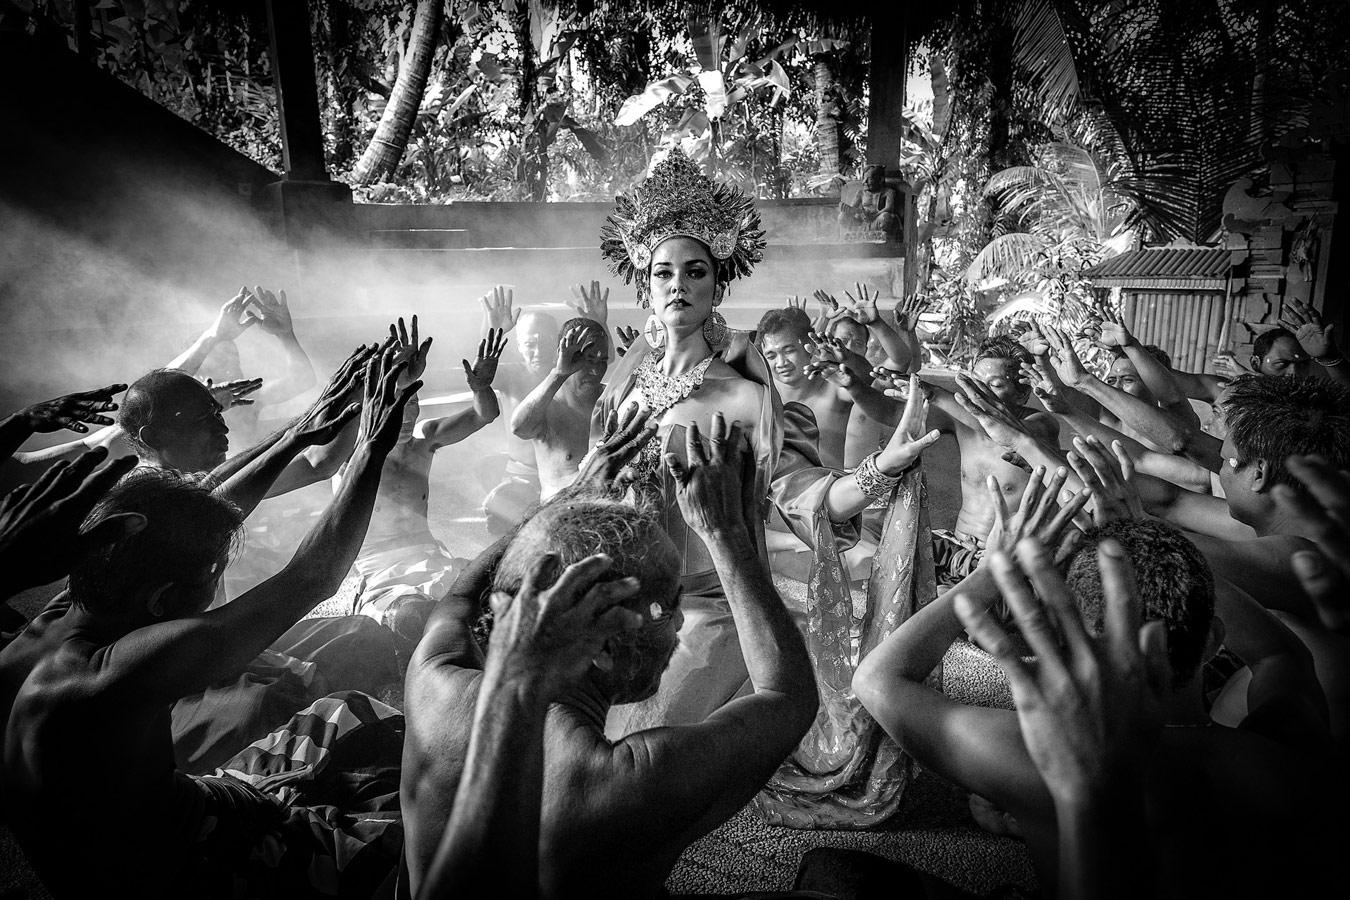 Балийские портреты, © Робин Юн, Канберра, Австралия, Финалист категории «Фотоистории», любитель, Фотоконкурс экстремальных путешествий «Мир в фокусе» — World In Focus